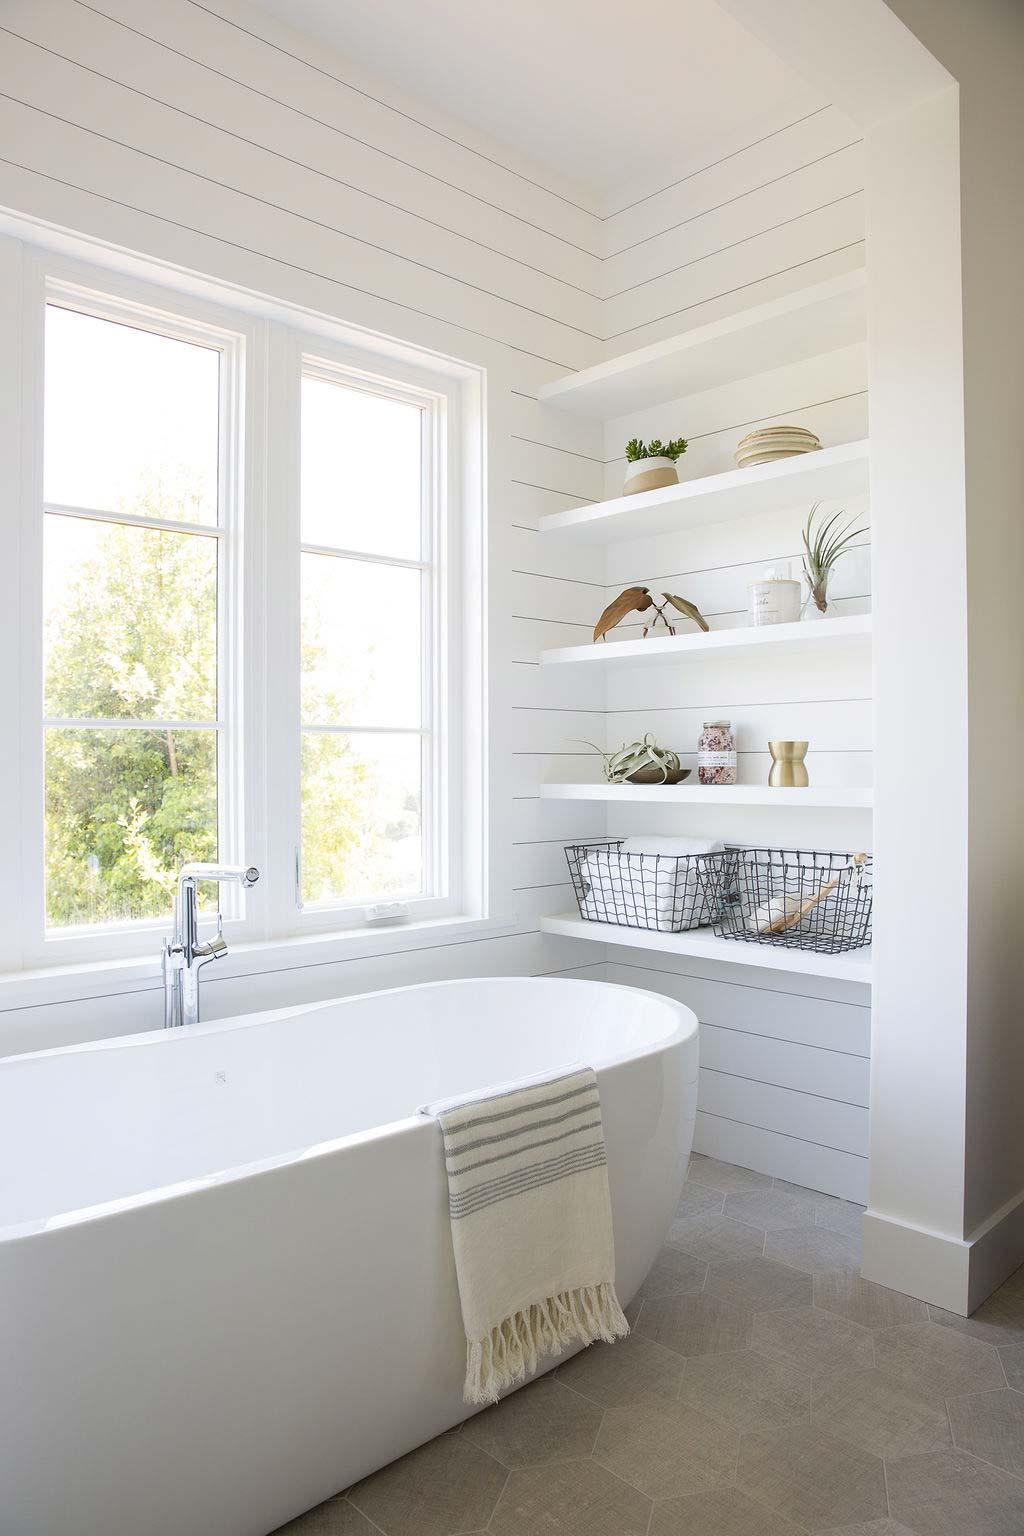 huis koel houden badkamer ventilatie